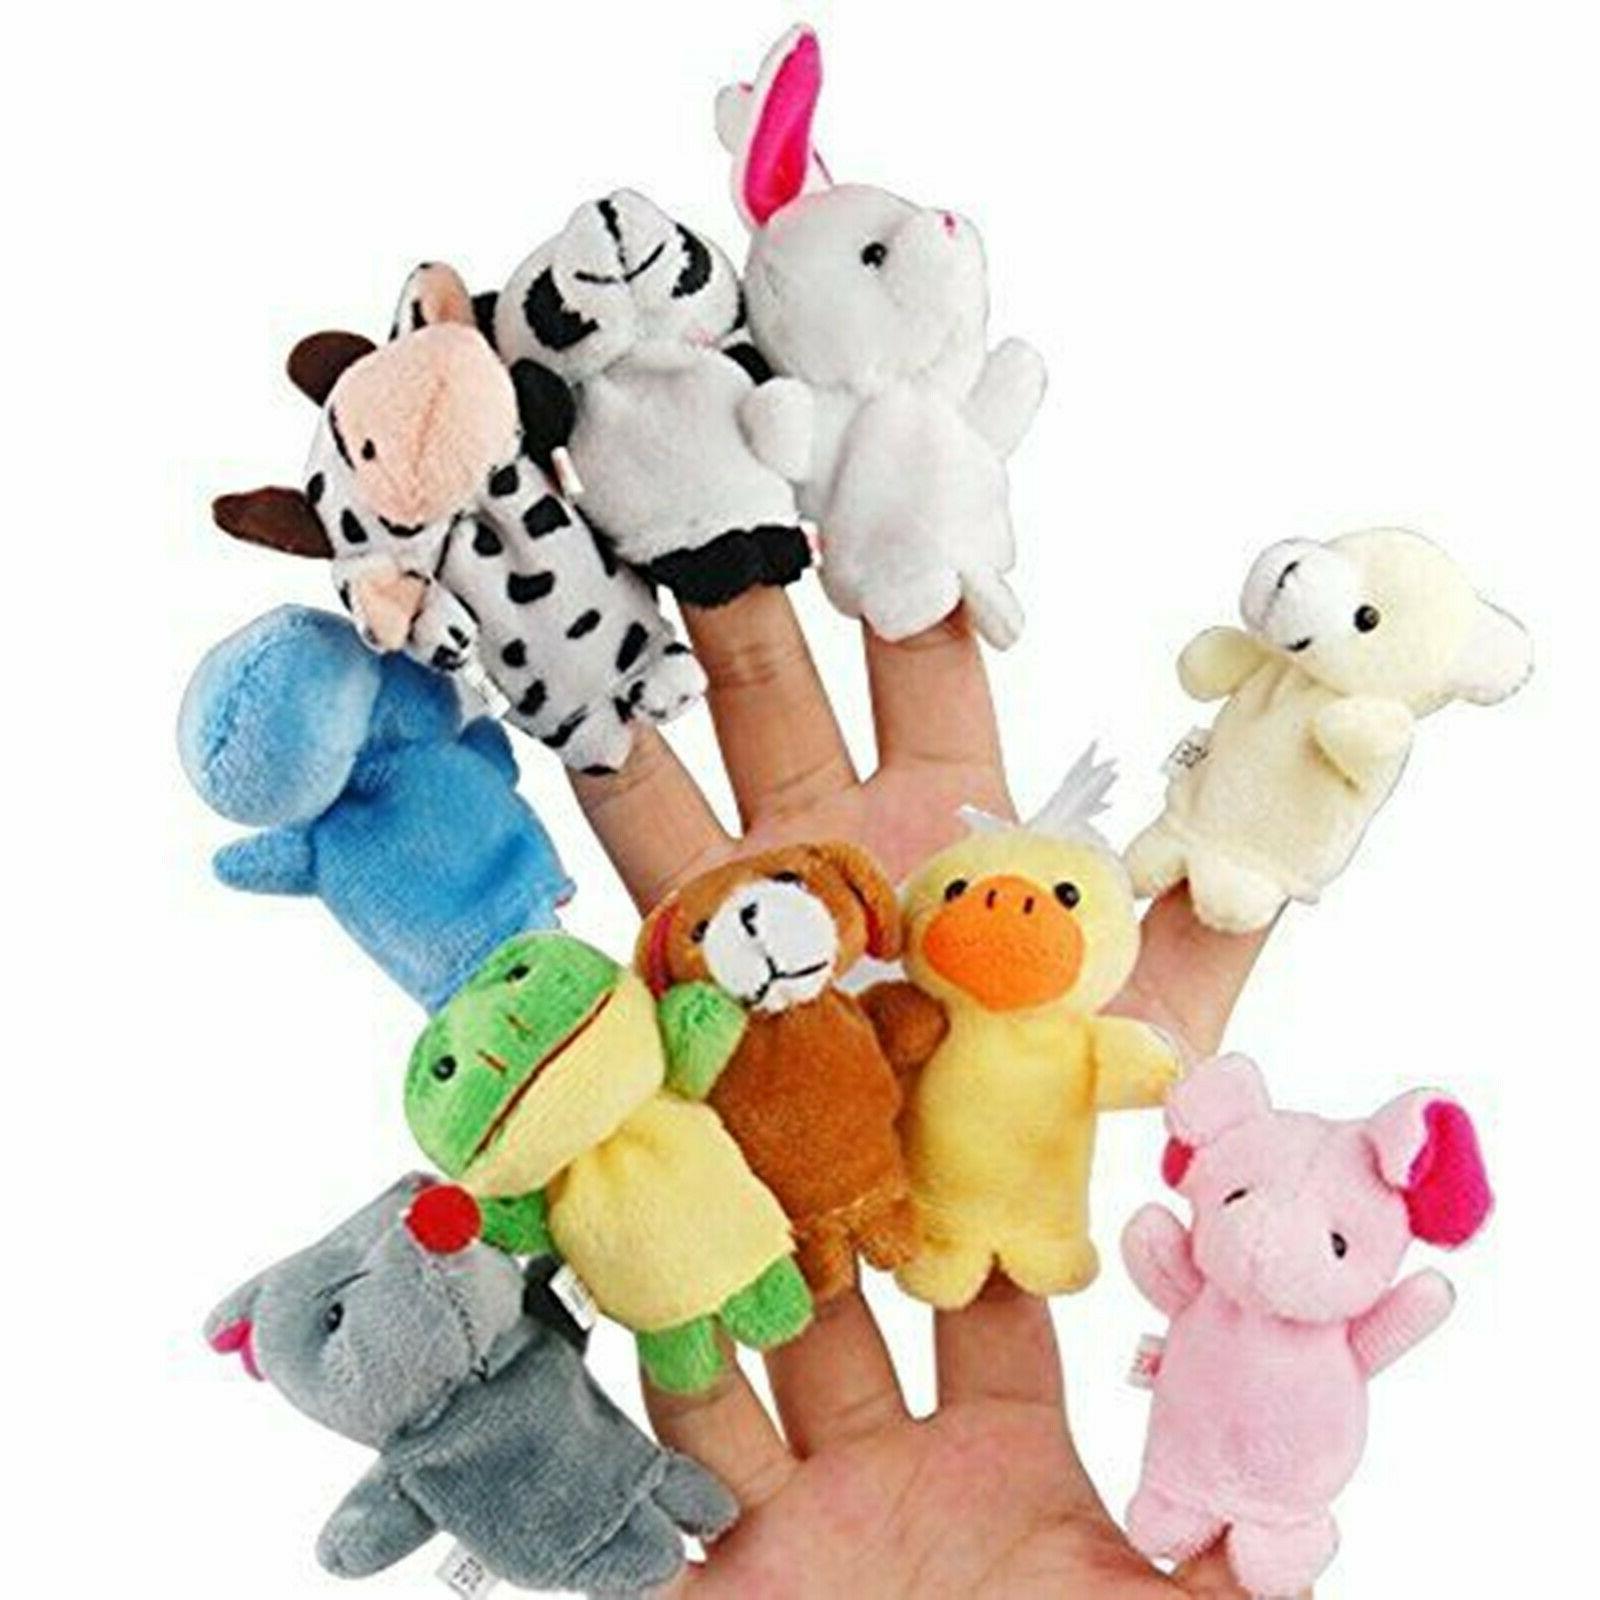 10pcs Cartoon Fingertip Toys Dolls Developmental Toy